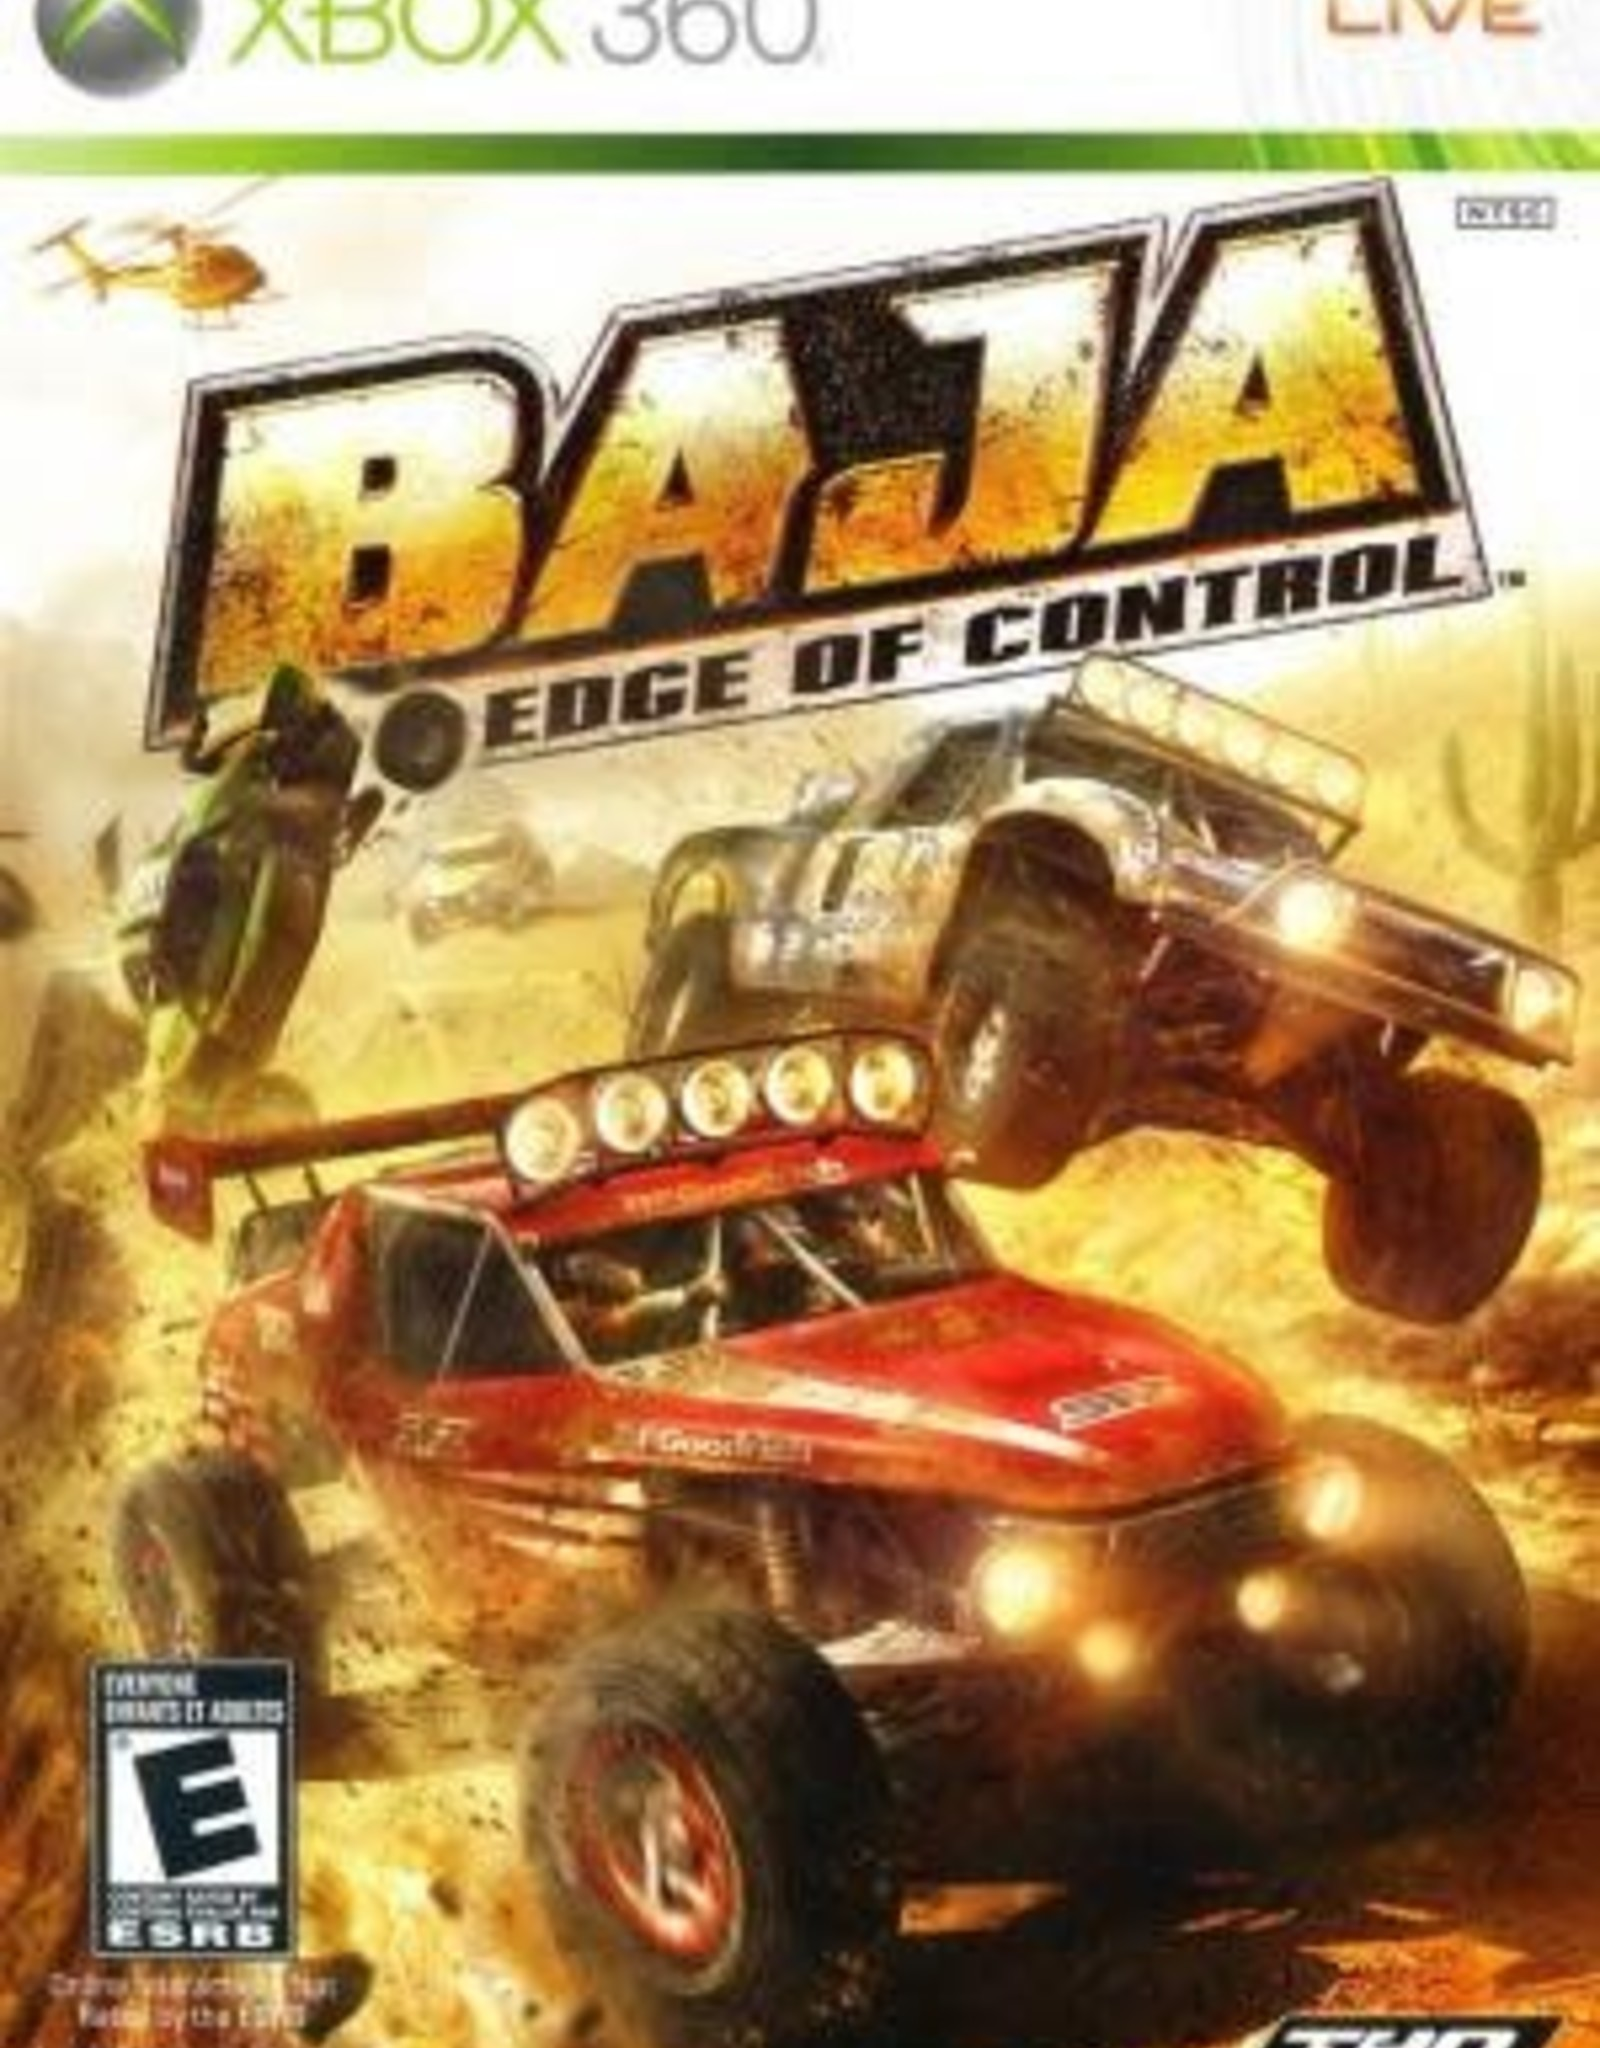 Xbox 360 Baja Edge of Control